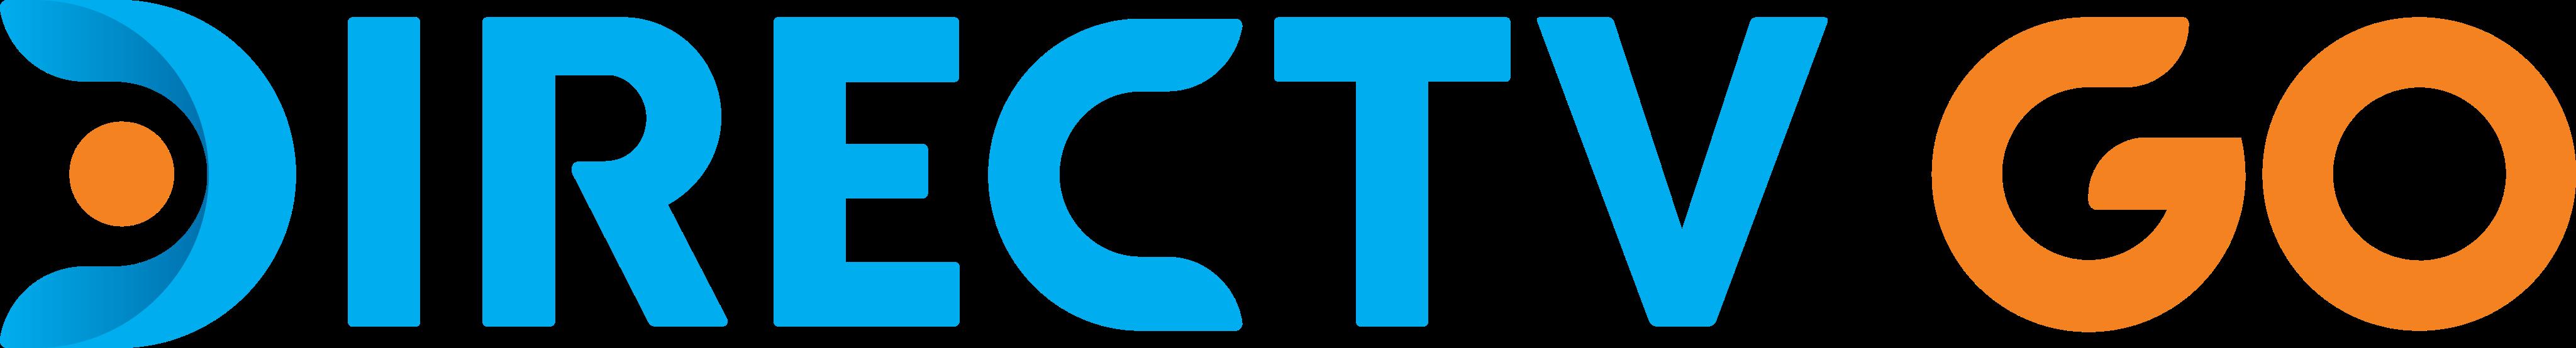 directvgo logo logo - DirecTV Go Logo